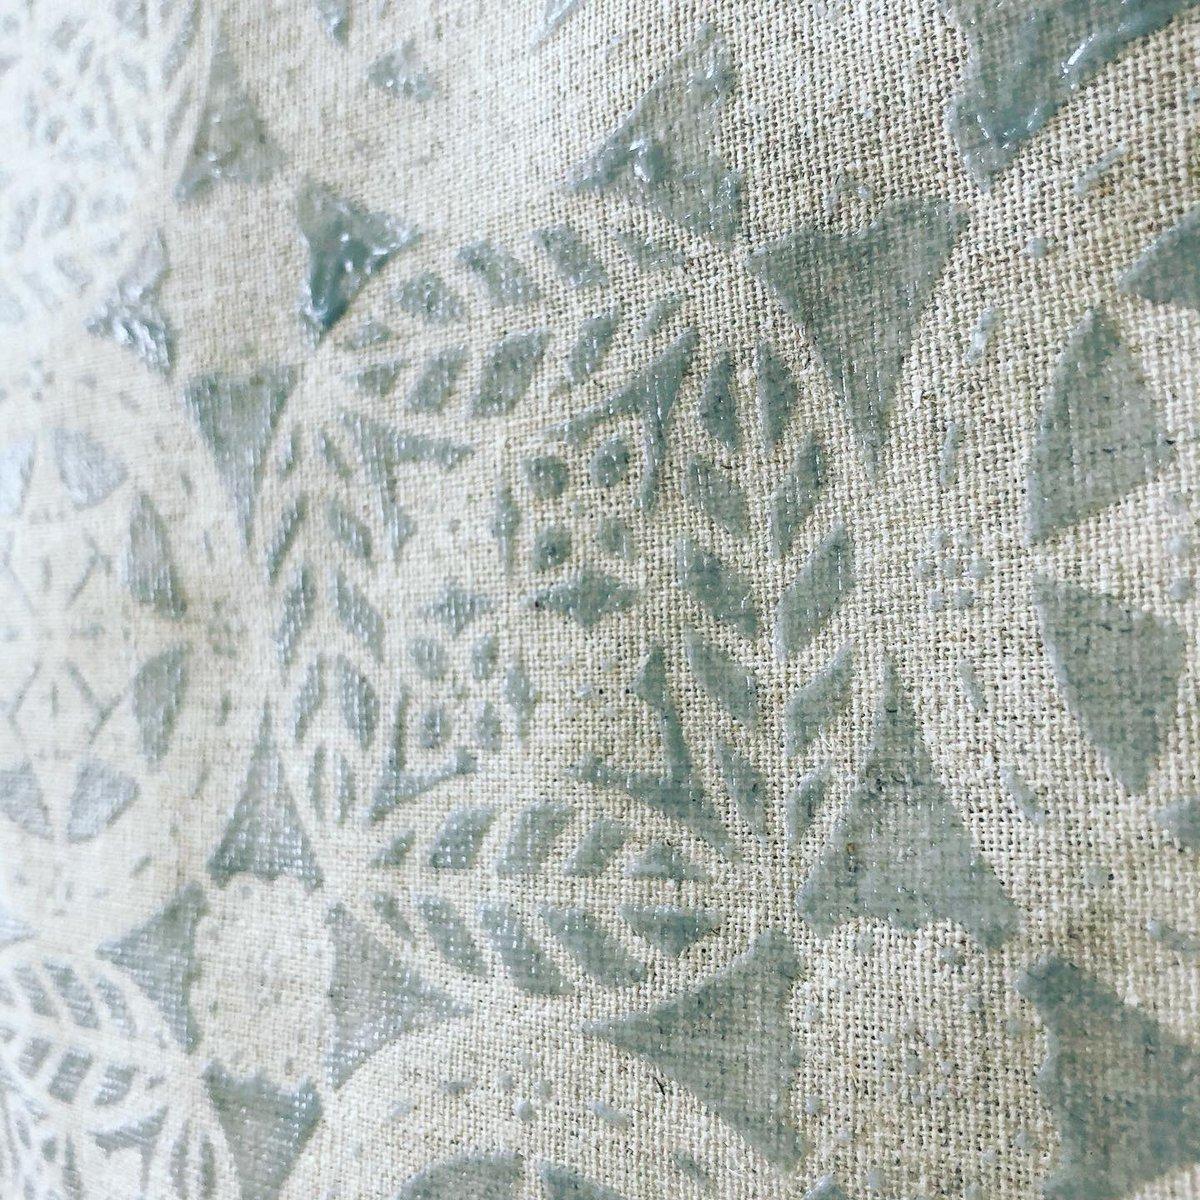 白に染める  普段こんなに白で染めることはないので雪のようだと思いながら  #紅型 #紅型ナワチョウ #縄トモコ #びんがた #びんがたナワチョウ #なわともこ #白で染める #万華鏡文様 #オリジナル #original #テキスタイル #テキスタイルデザイン #textiledesign #沖縄pic.twitter.com/OtWUx5ScgK